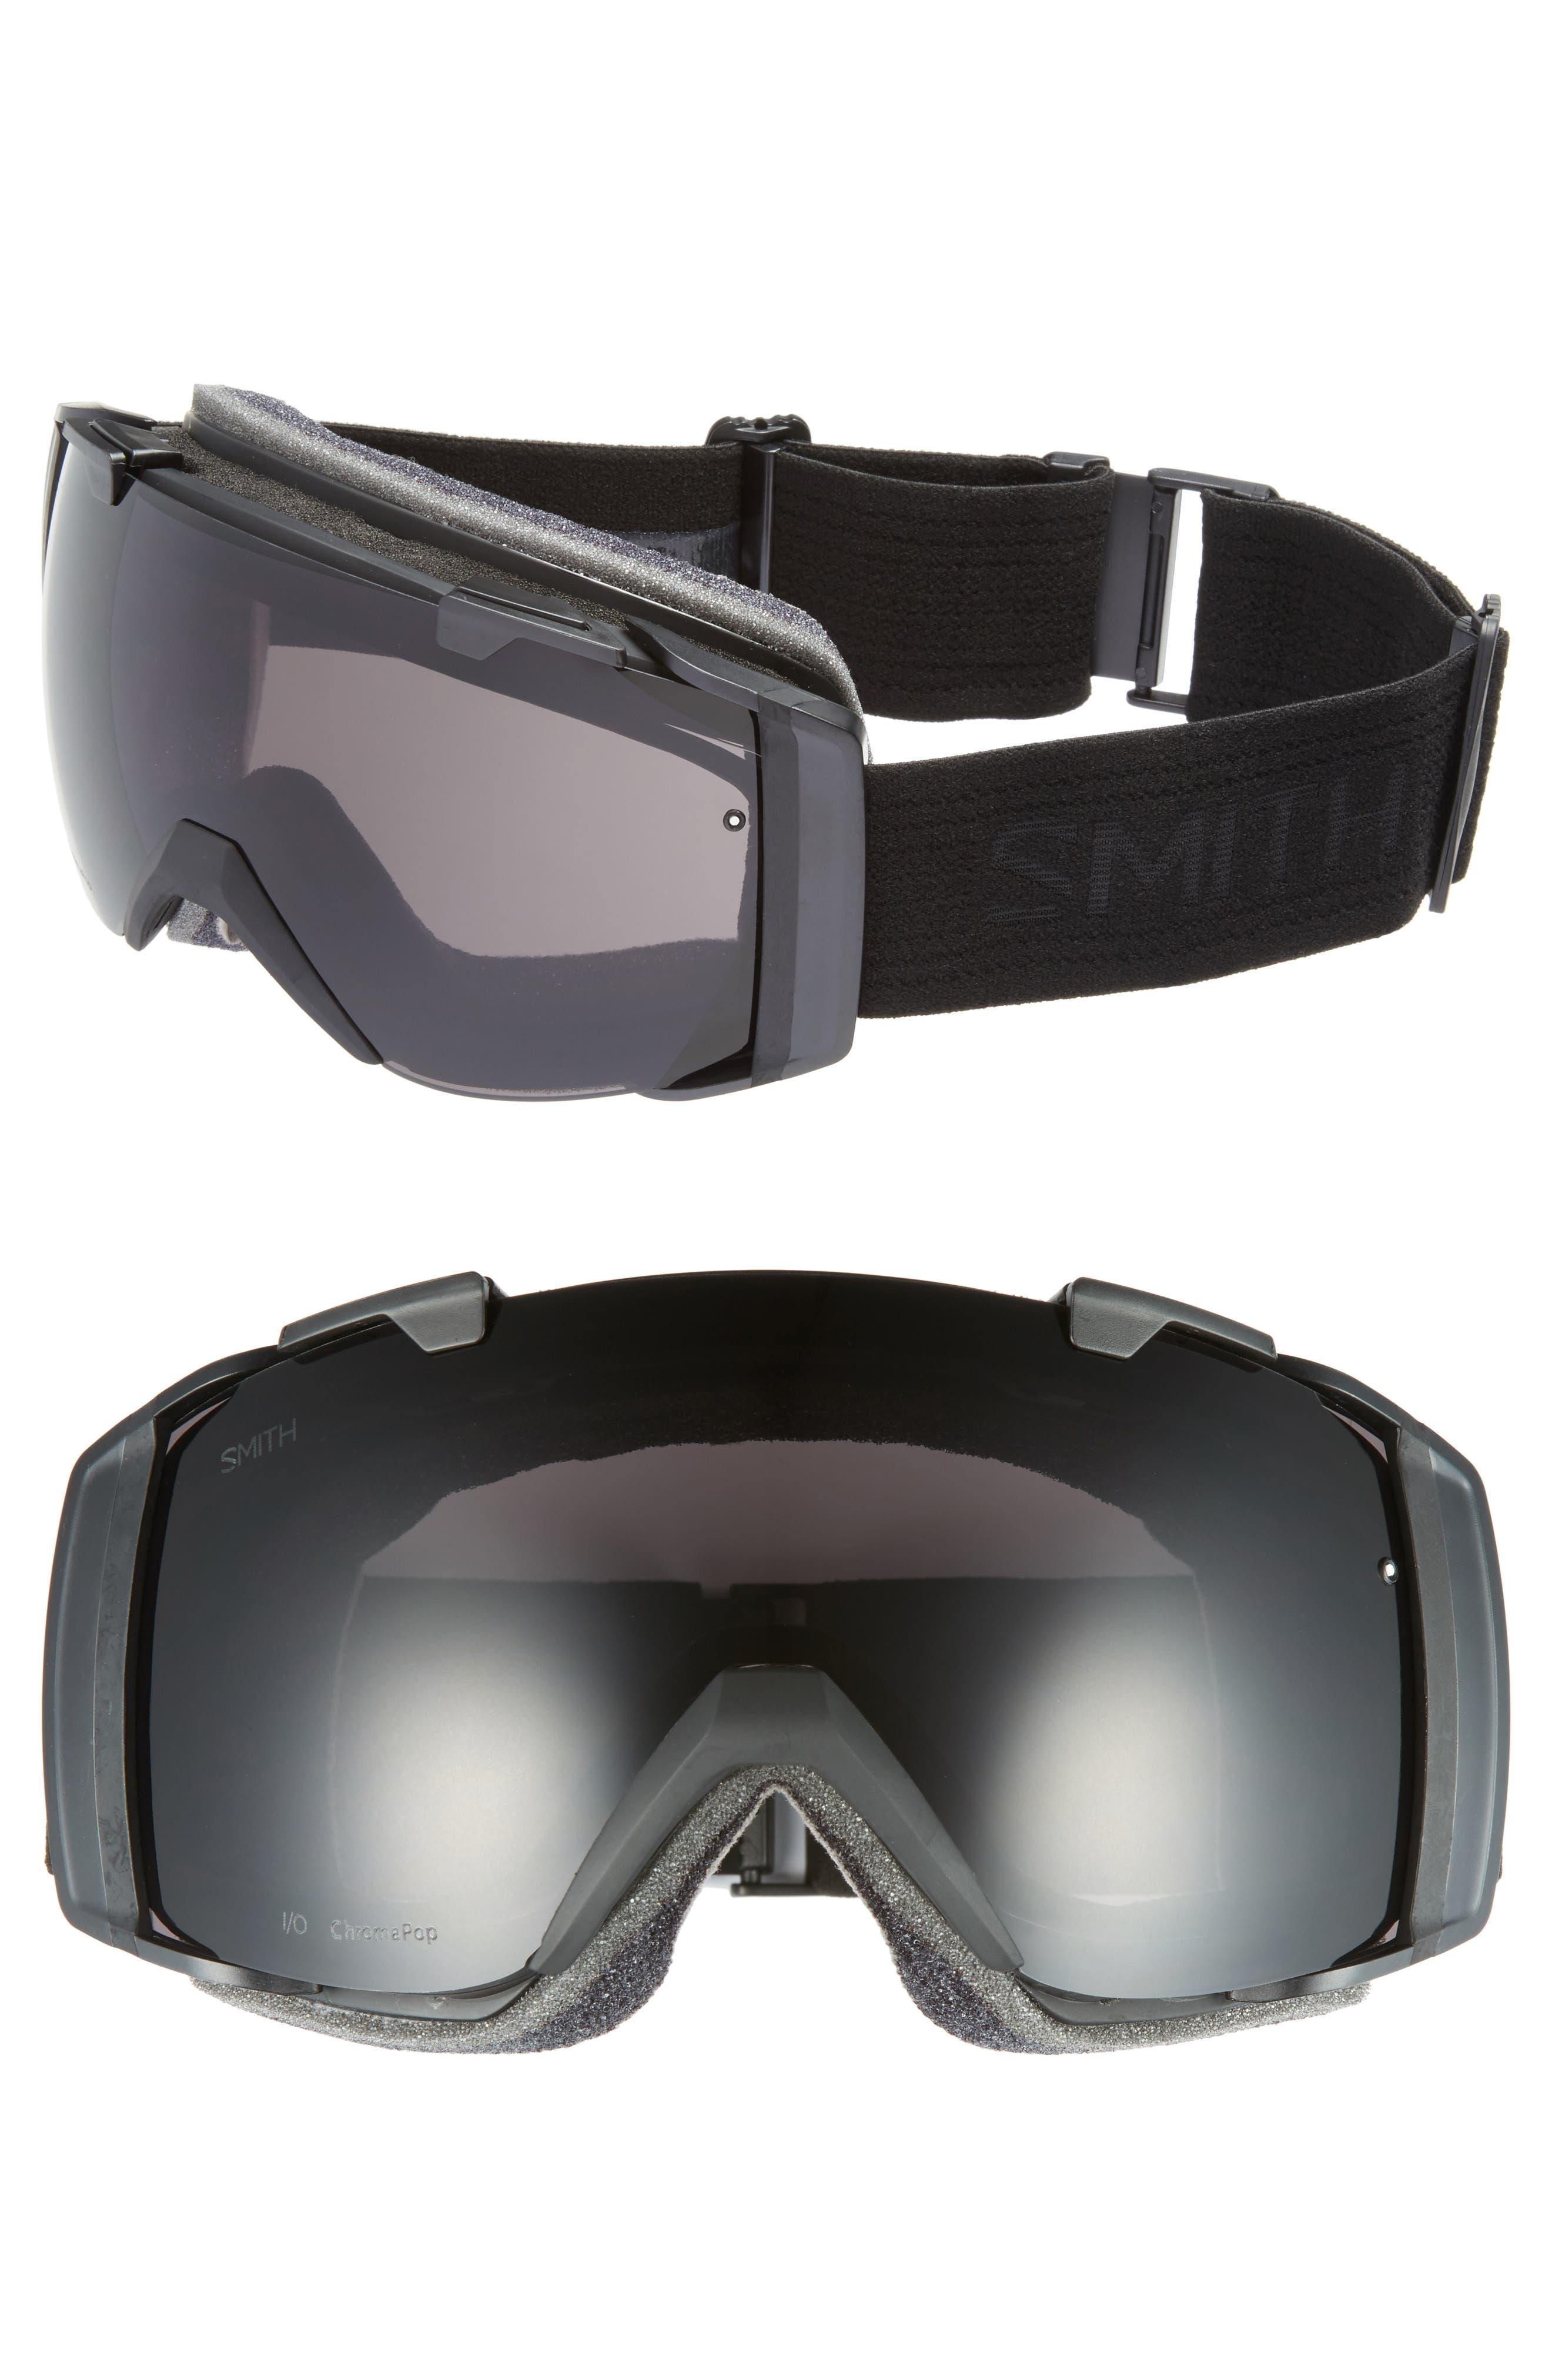 Women's Smith I/o 185Mm Snow/ski Goggles - Blackout/ Mirror